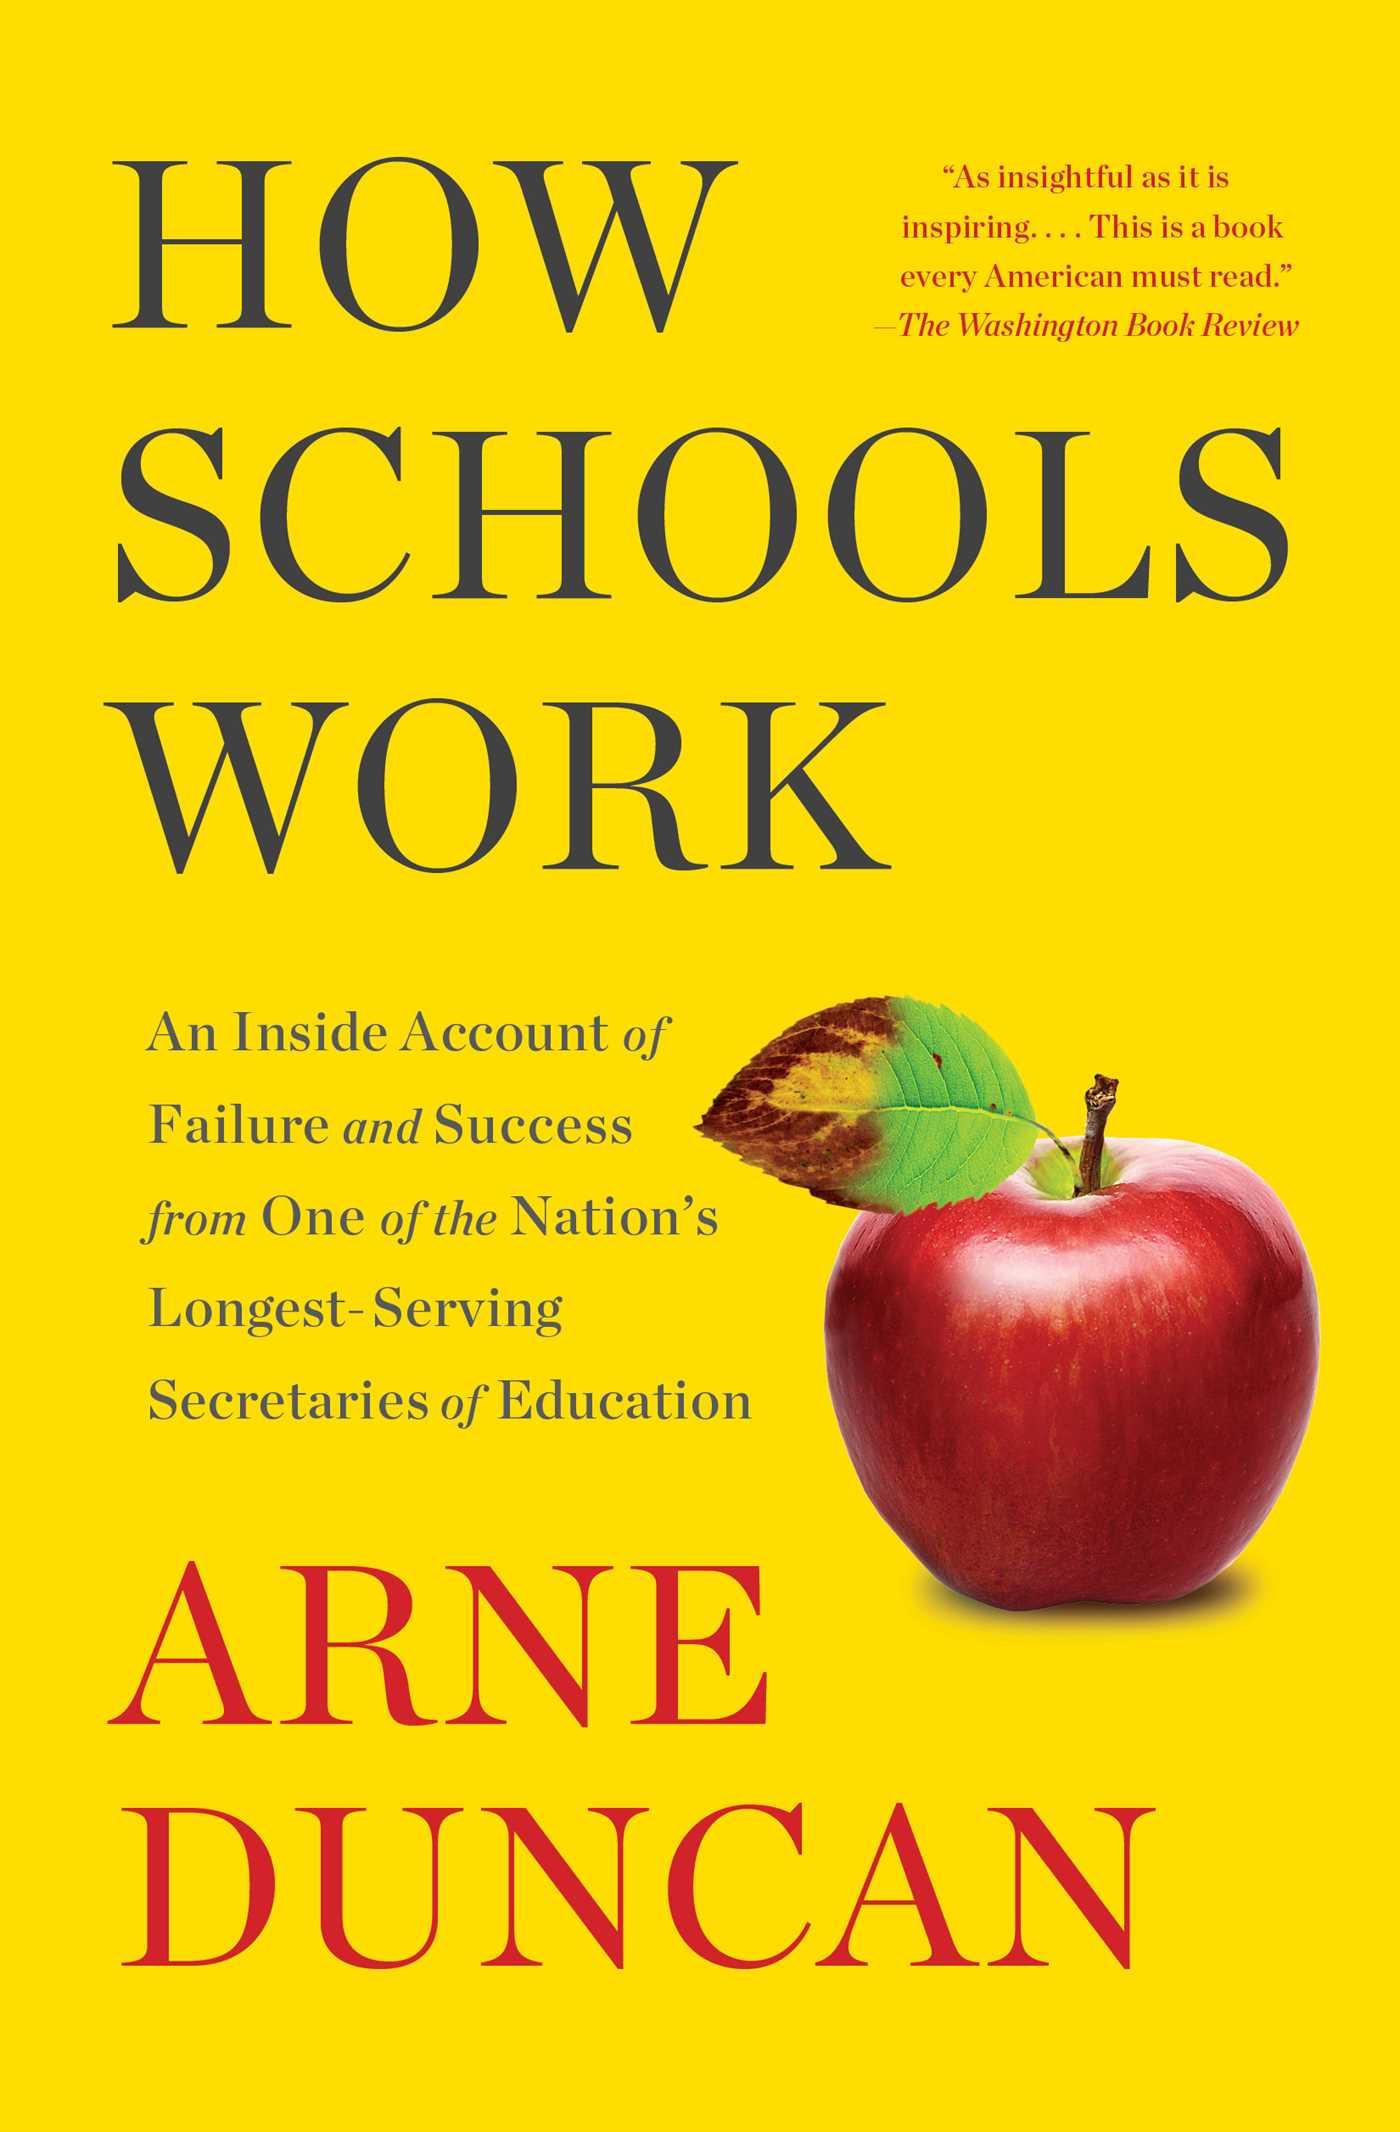 How schools work 9781501173066 hr